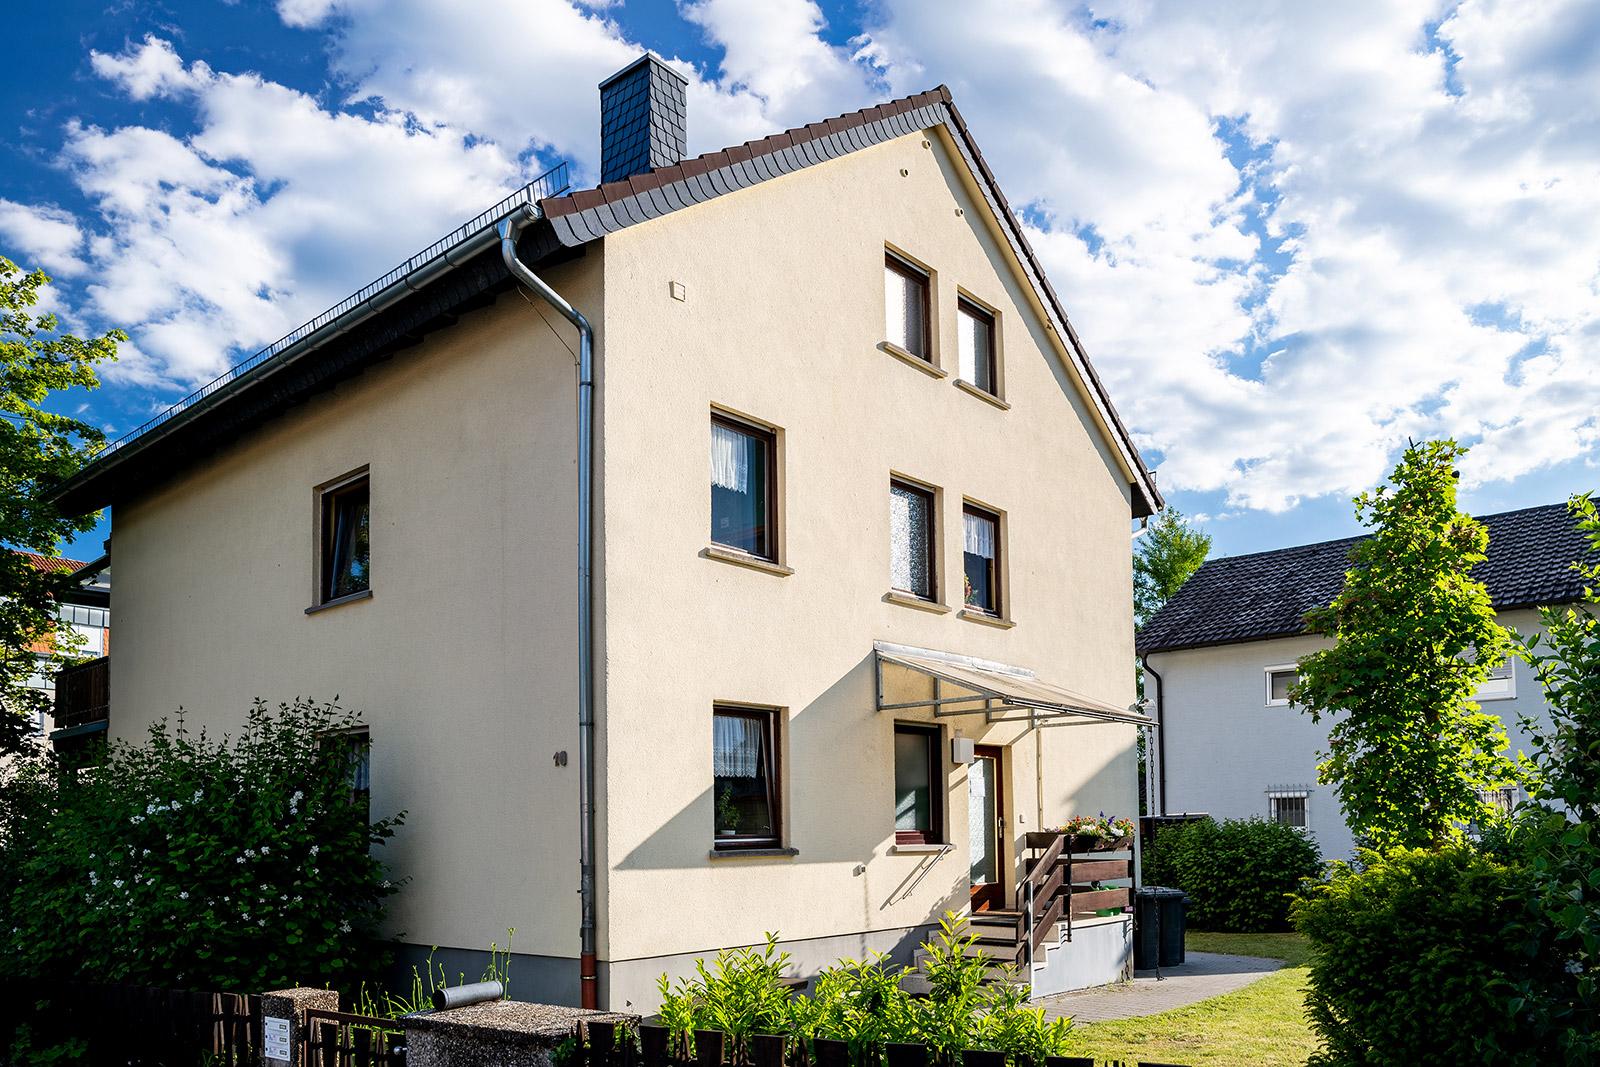 Wohngruppe der Wohngruppe Dreieich-Offenthal